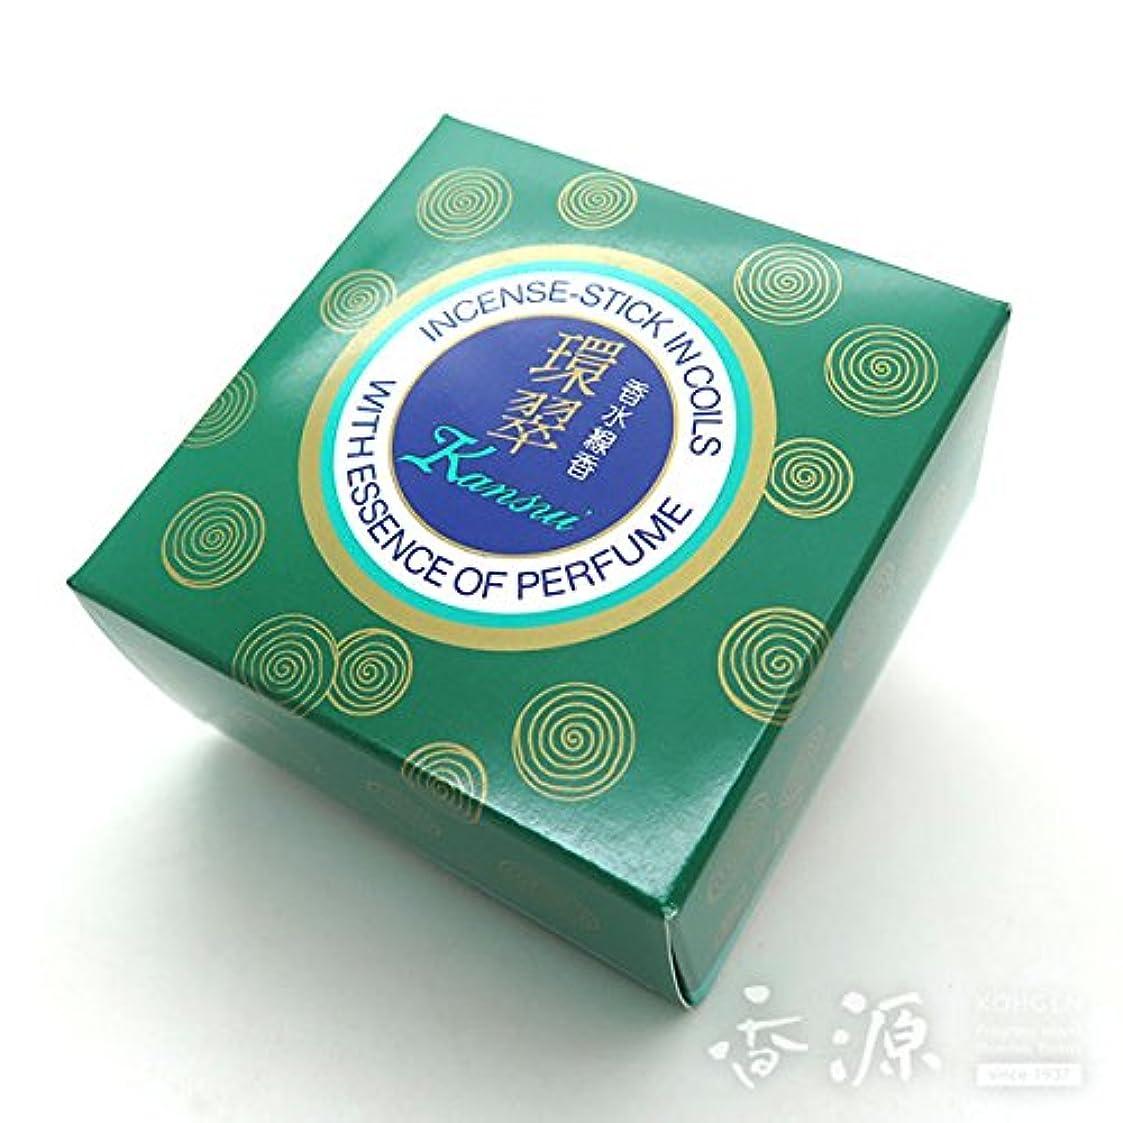 薫明堂のお香 環翠(かんすい) 渦巻 14枚入